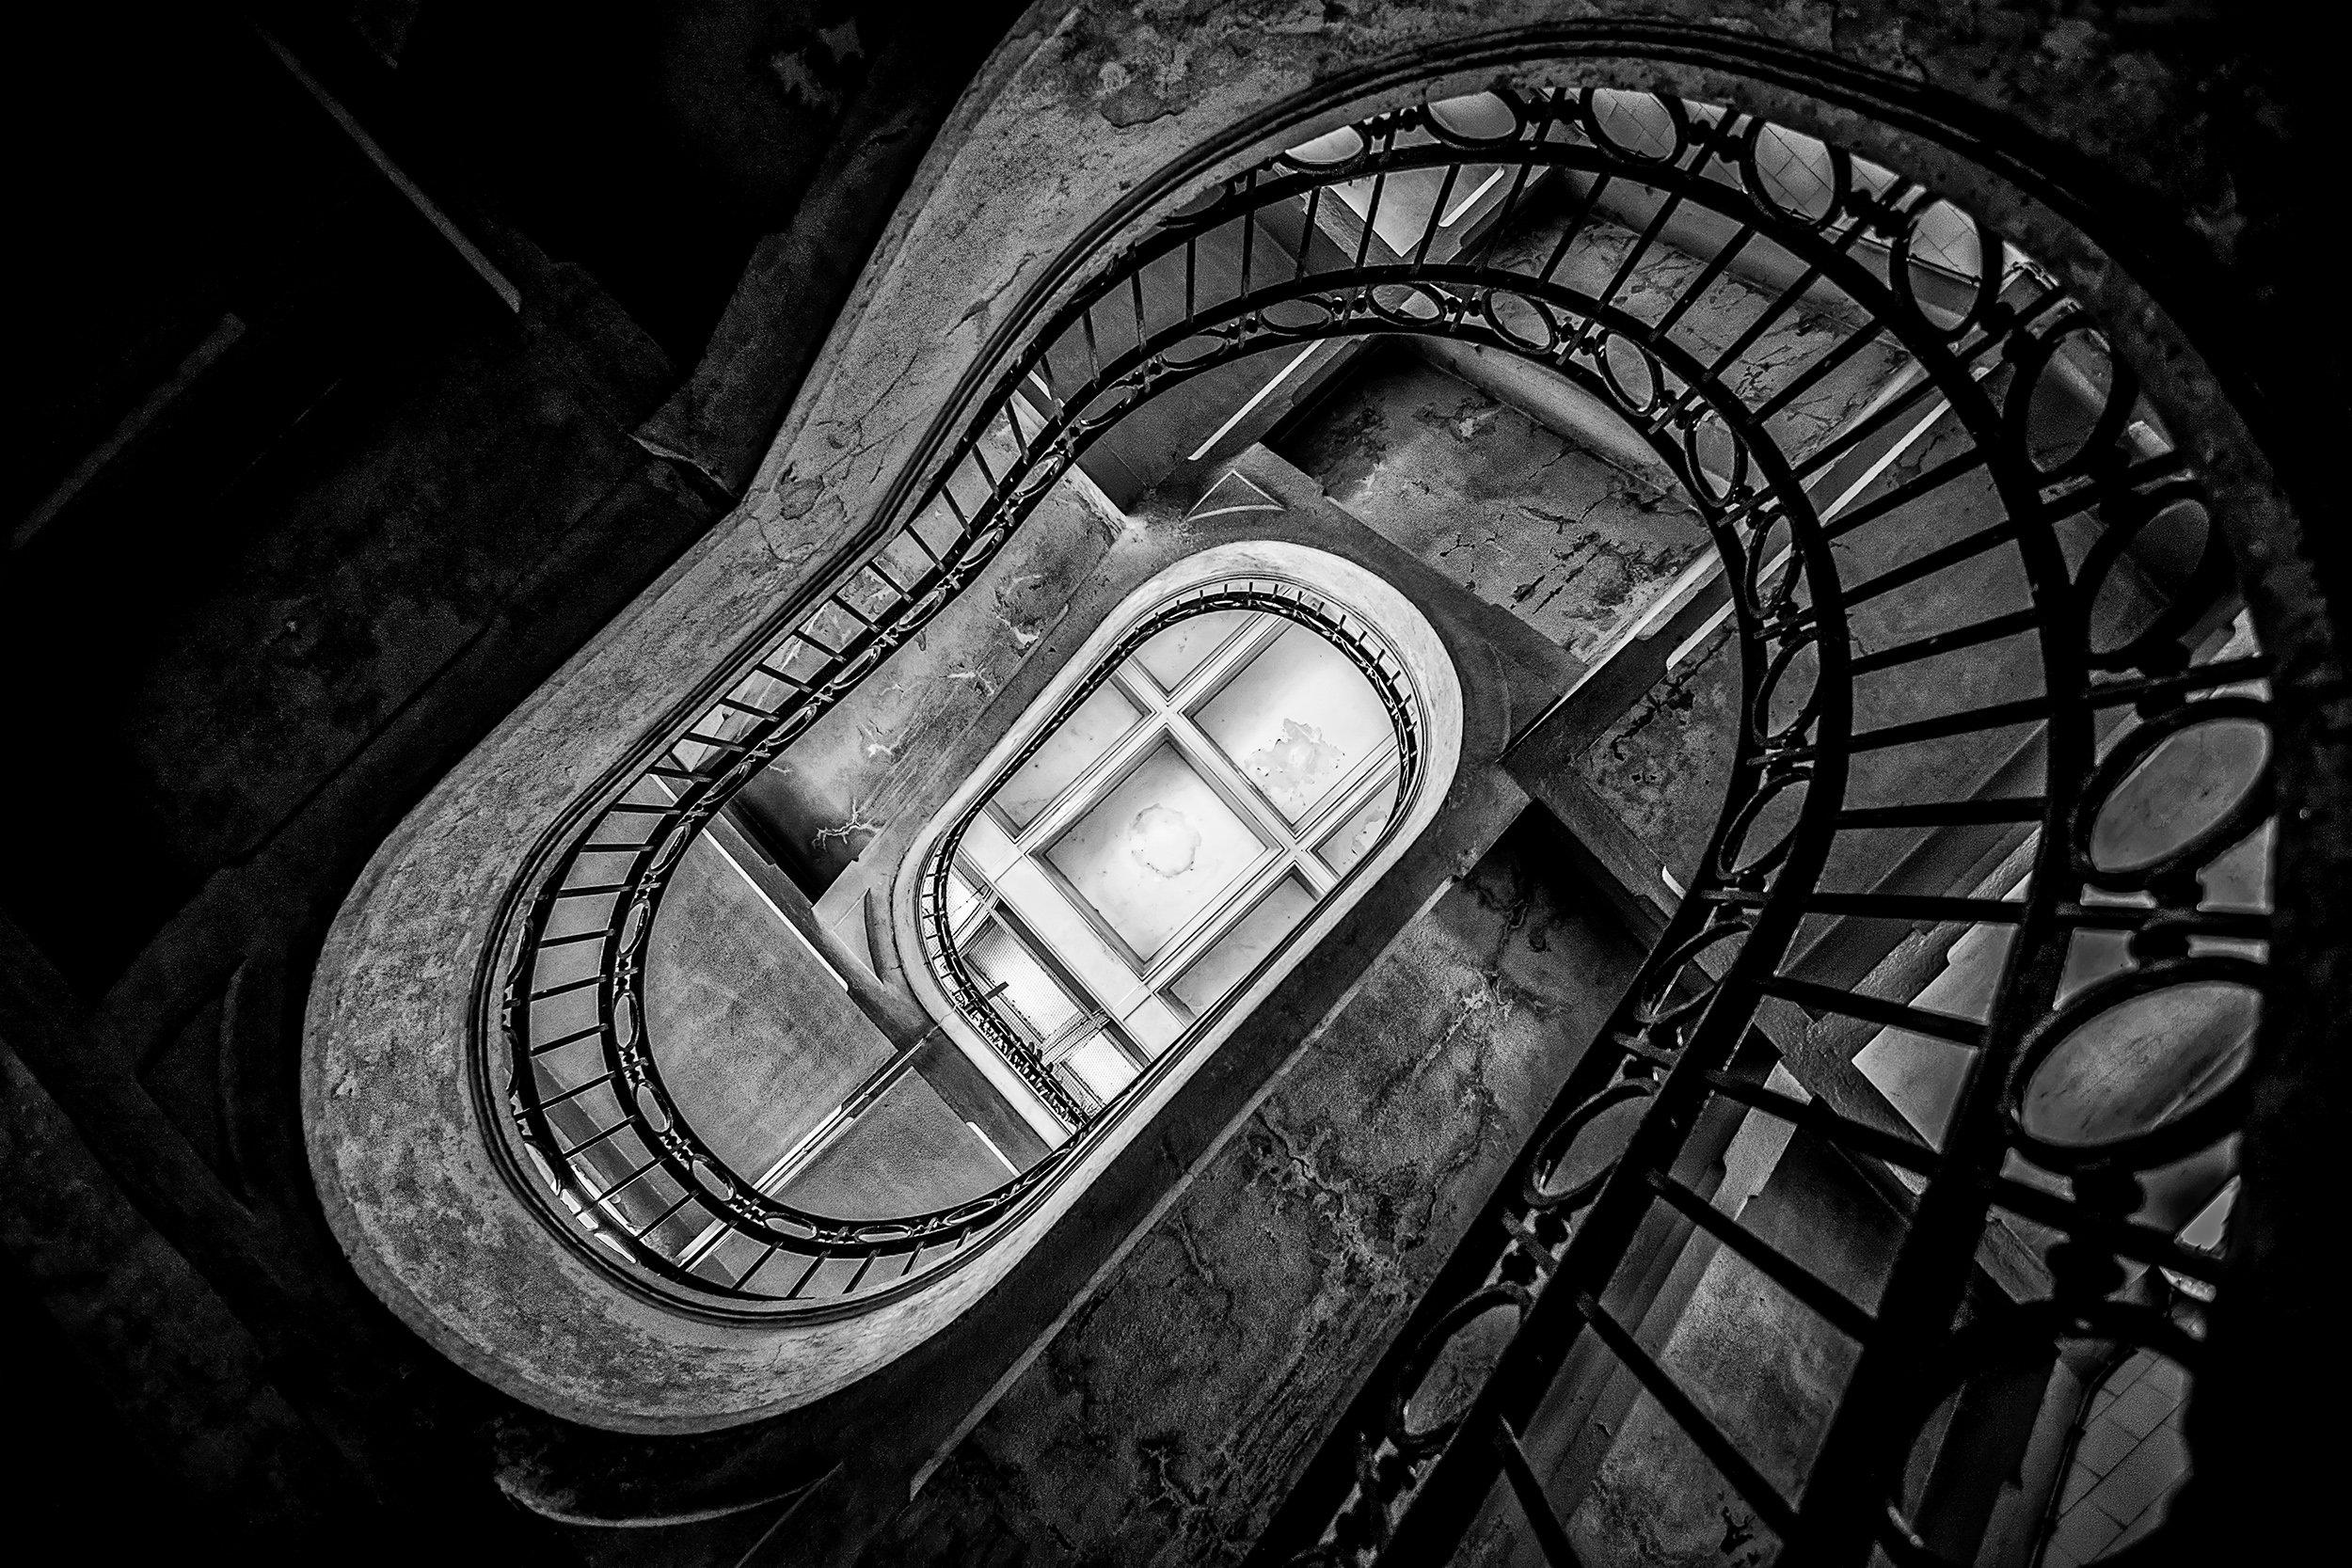 oporto, stairs, bnw, architecture, metal, concrete, center, round, oval, light´s, shadows, Antonio Bernardino